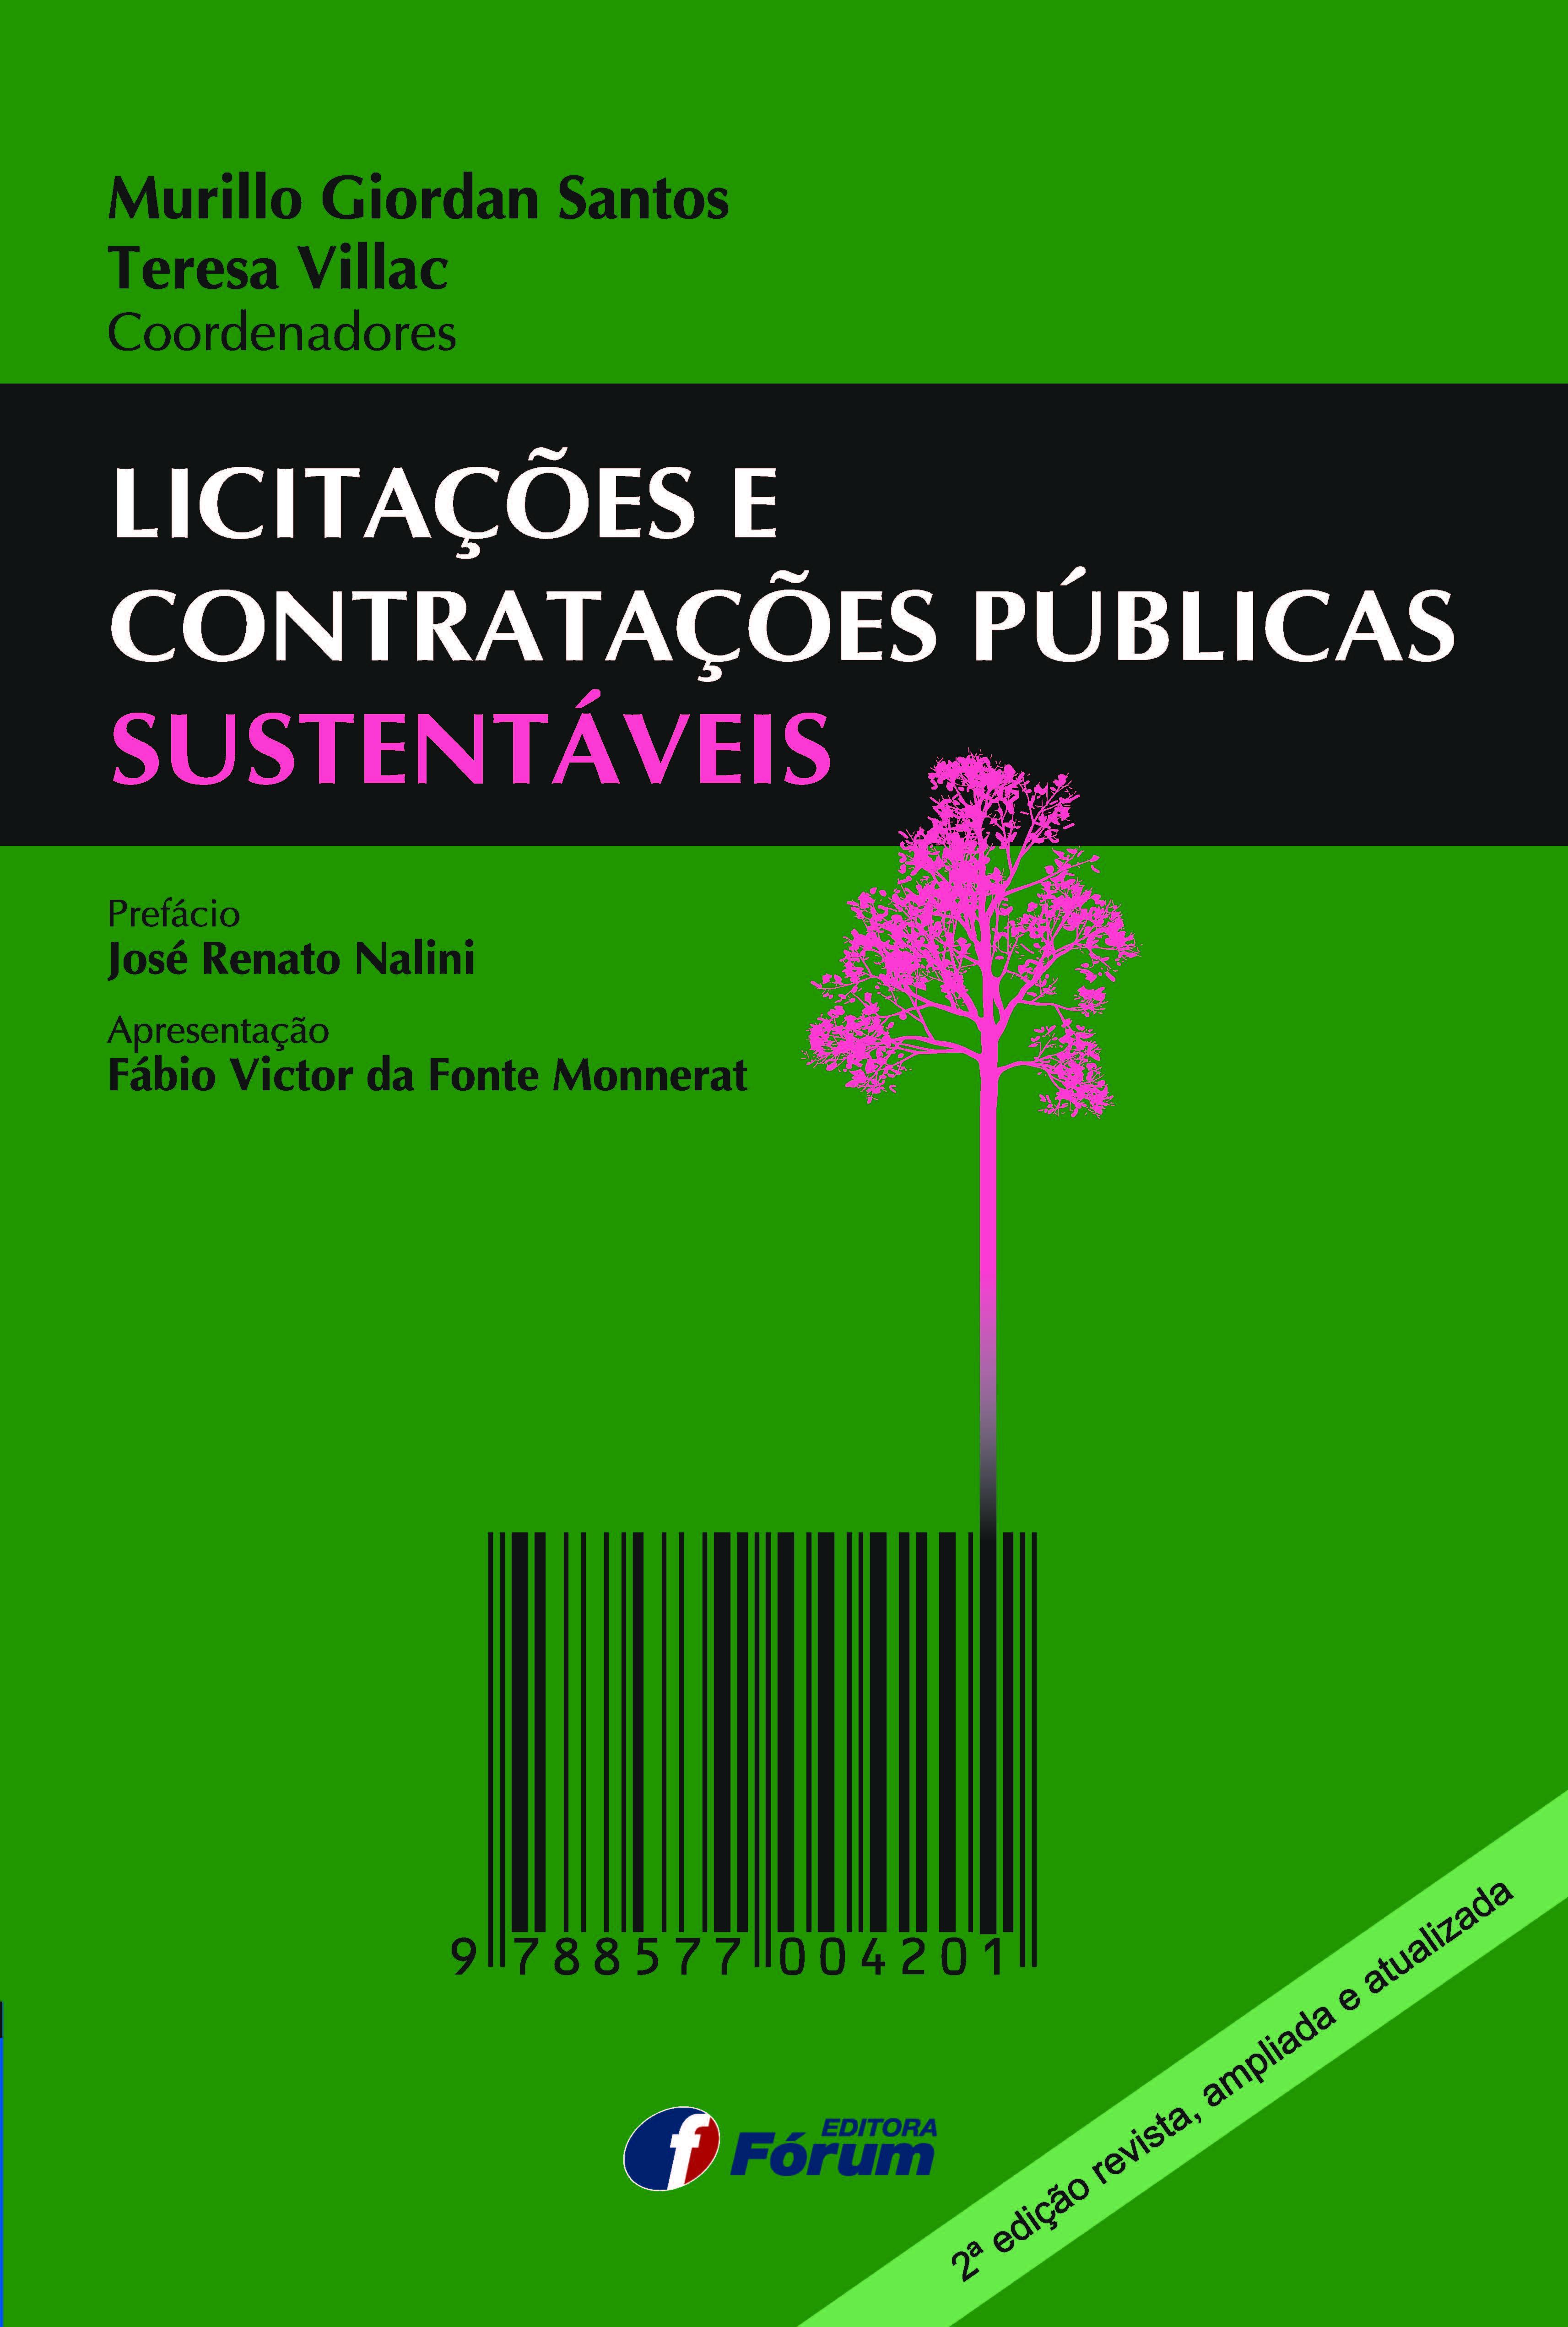 Licitações e Contratações Públicas Sustentáveis